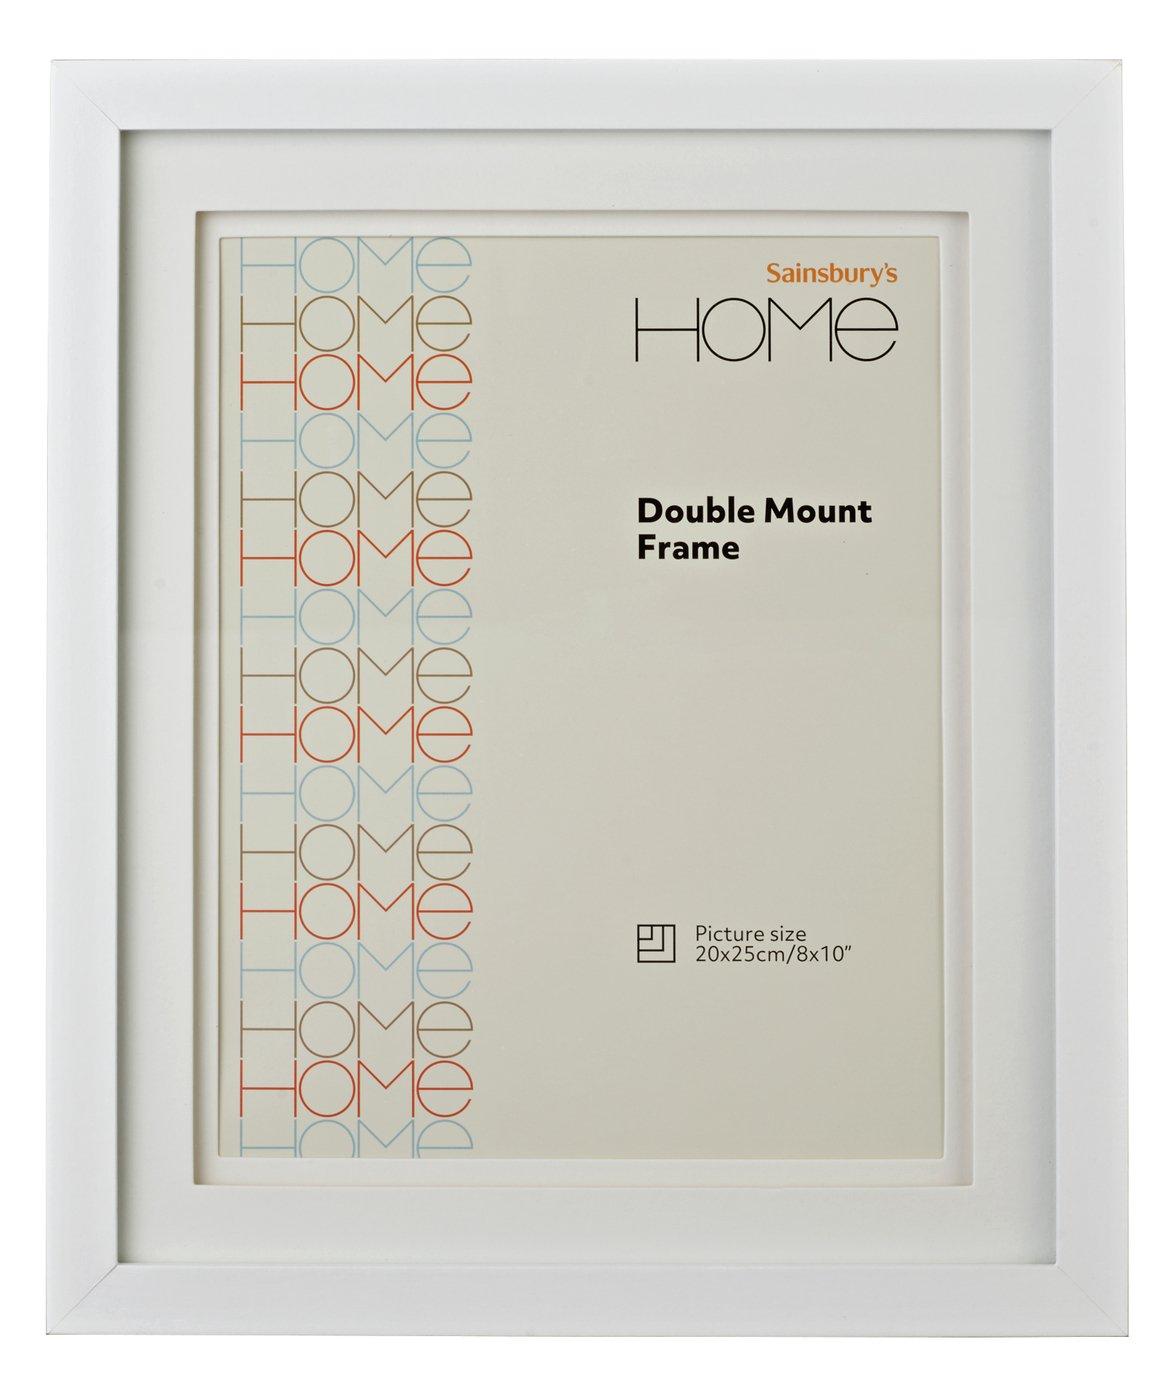 8x10 Double Mount Photo Frame - White